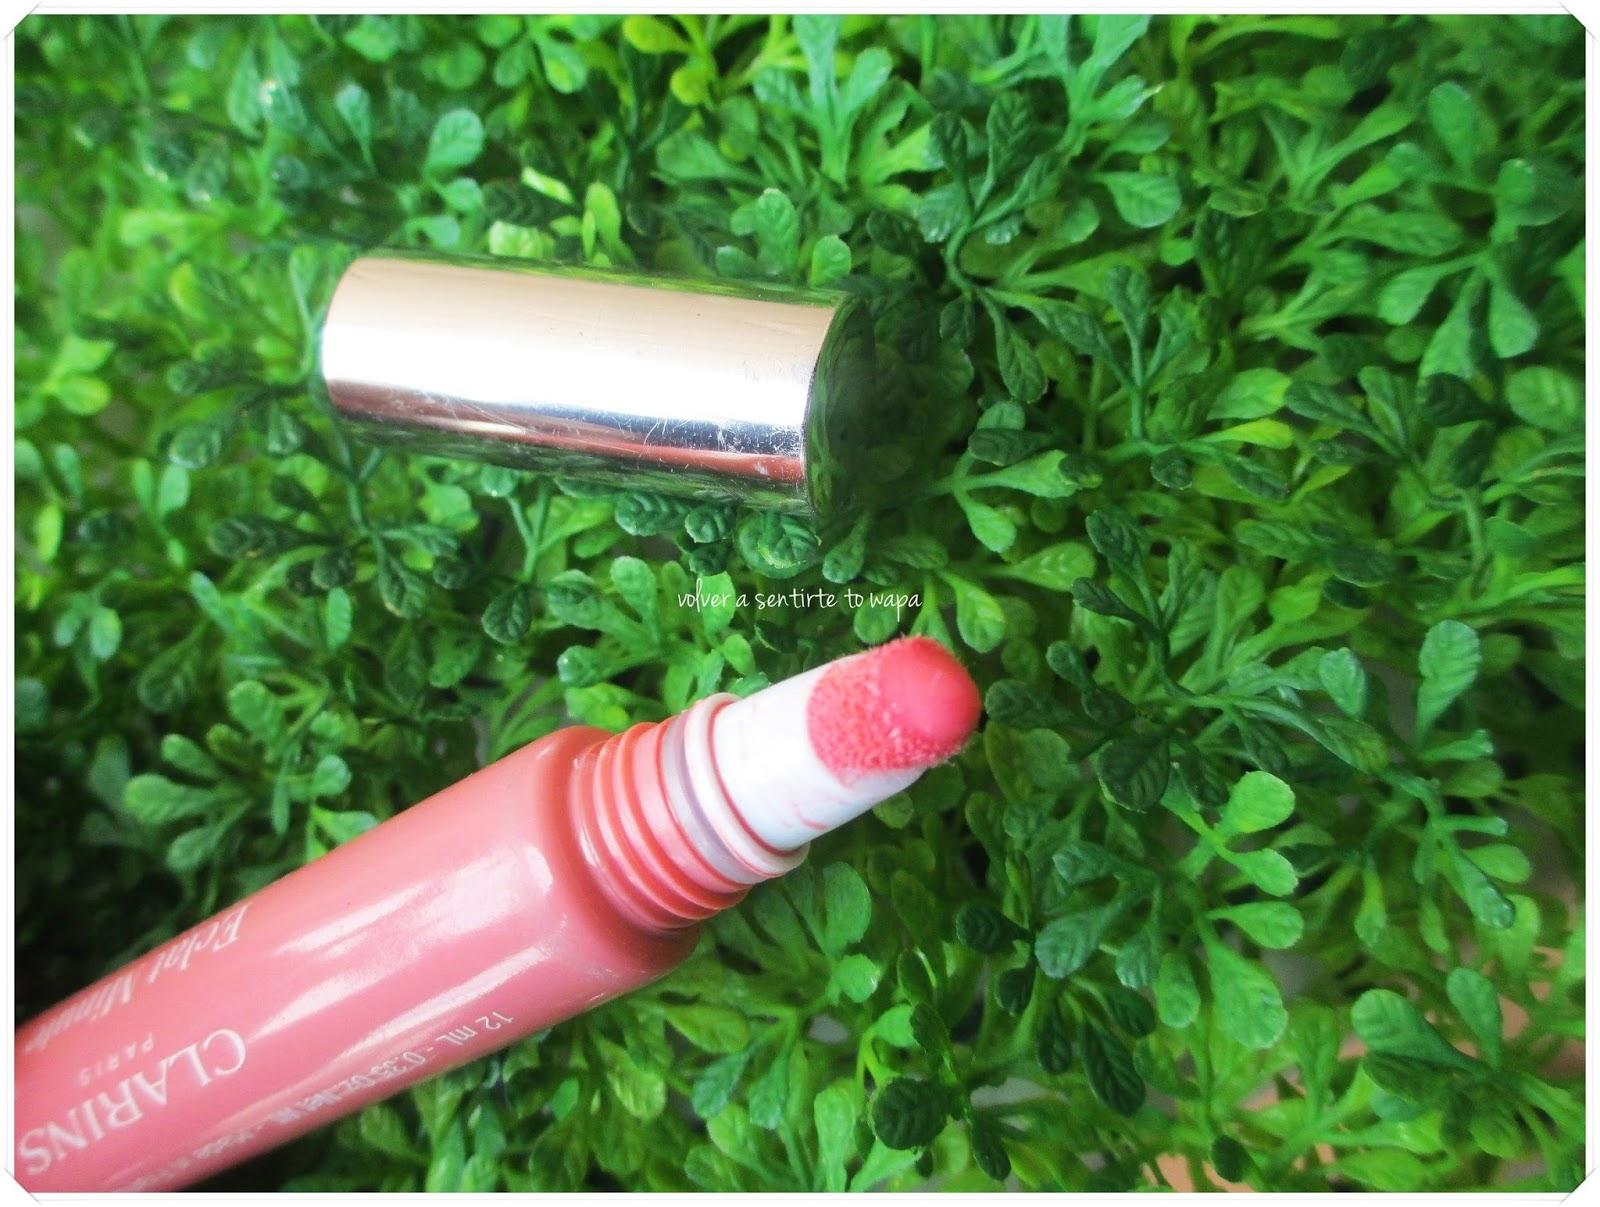 Clarins Comparando sus Lip Balm Perfector